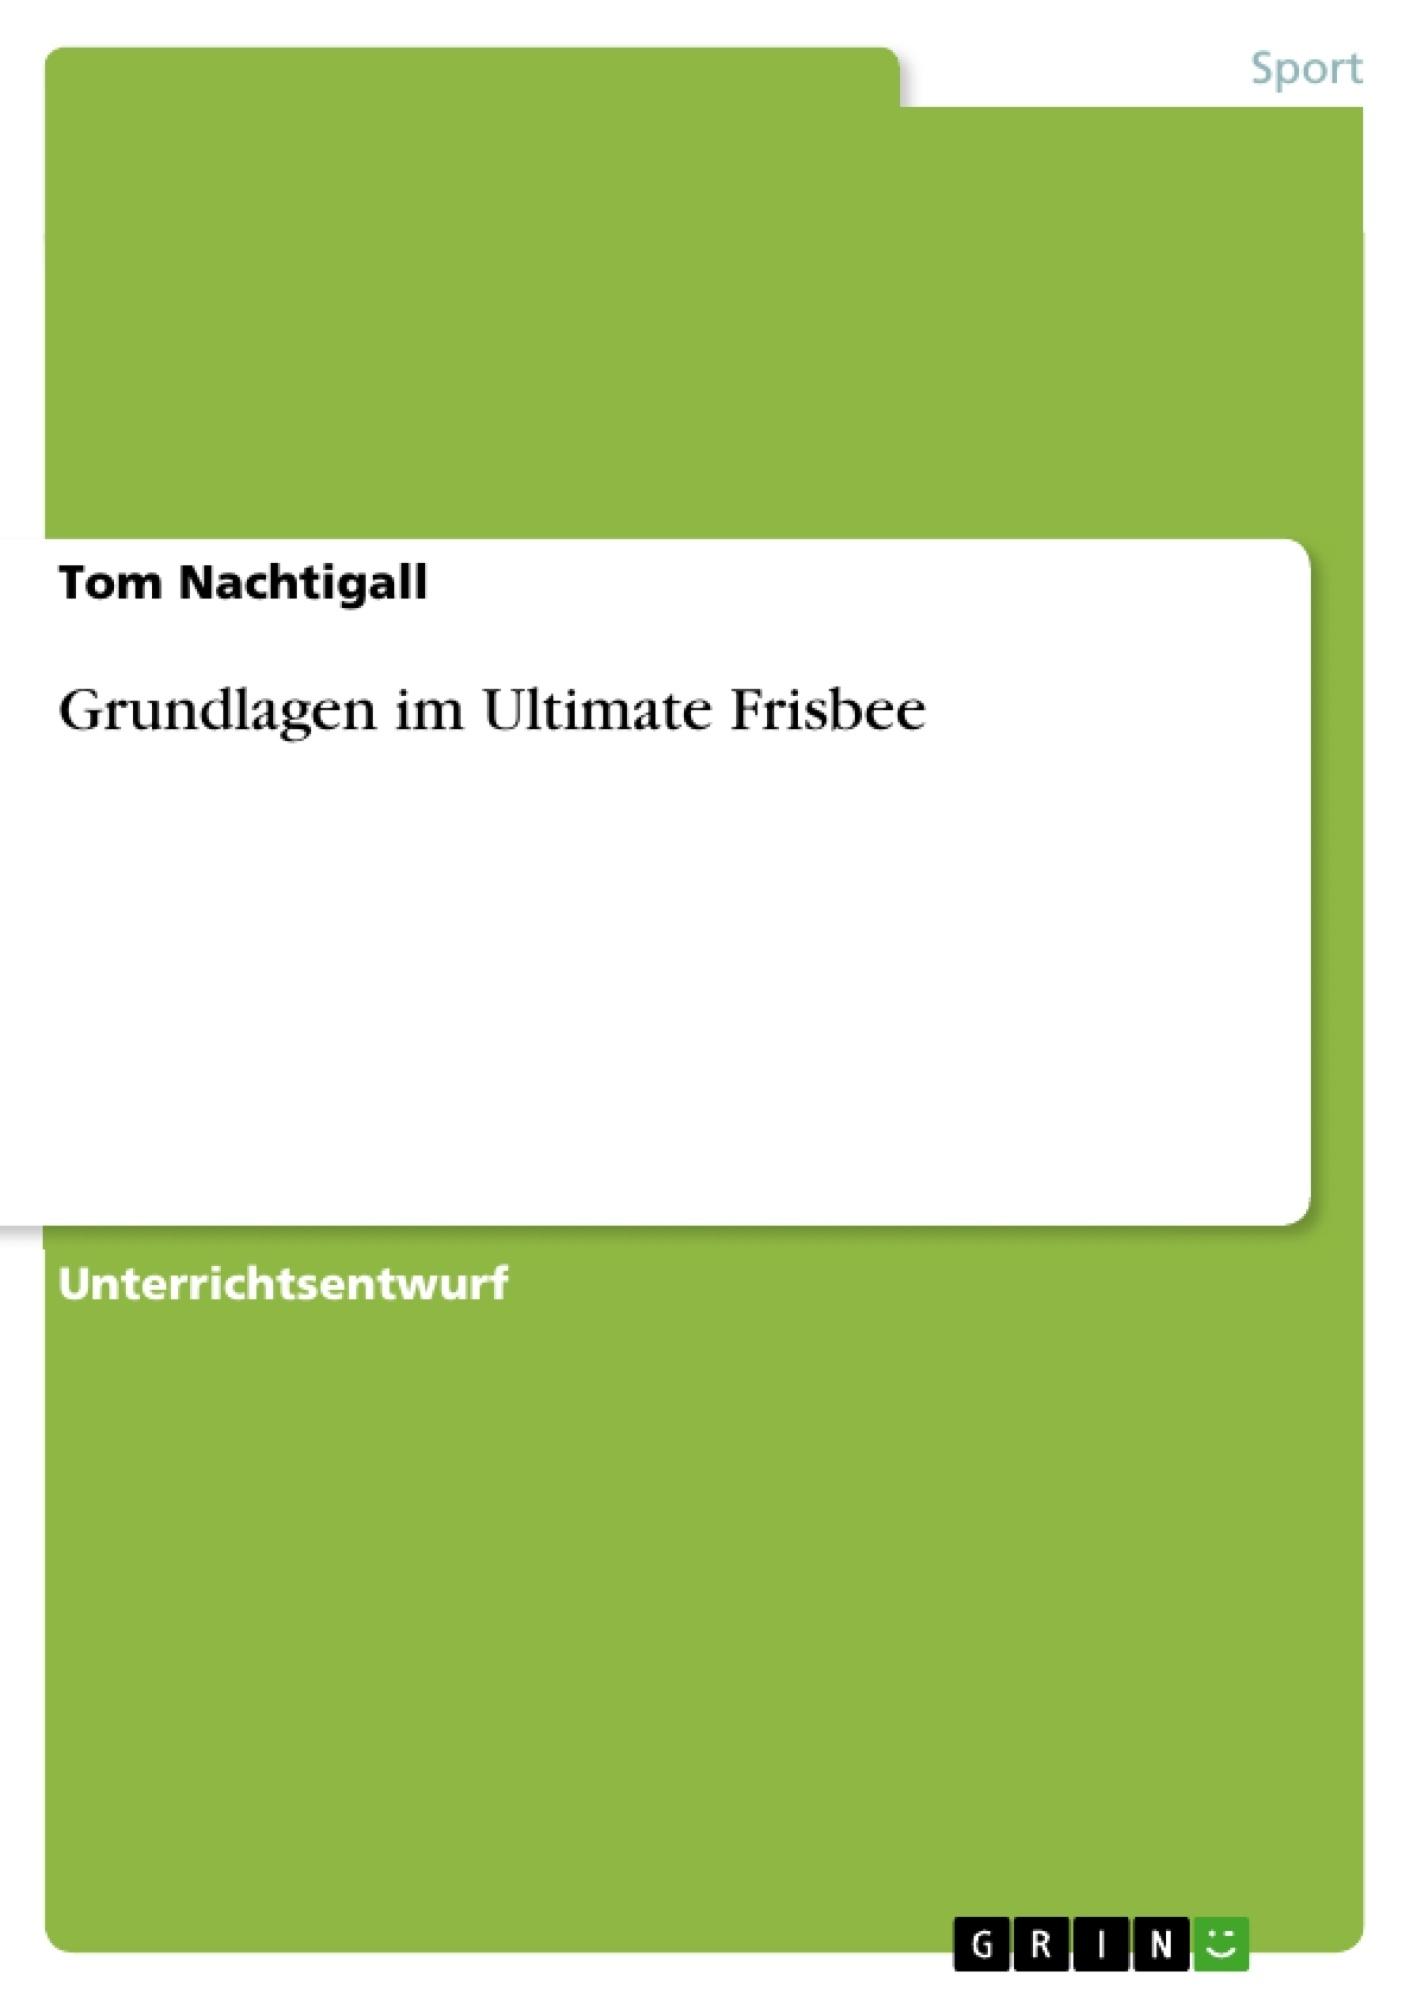 Titel: Grundlagen im Ultimate Frisbee